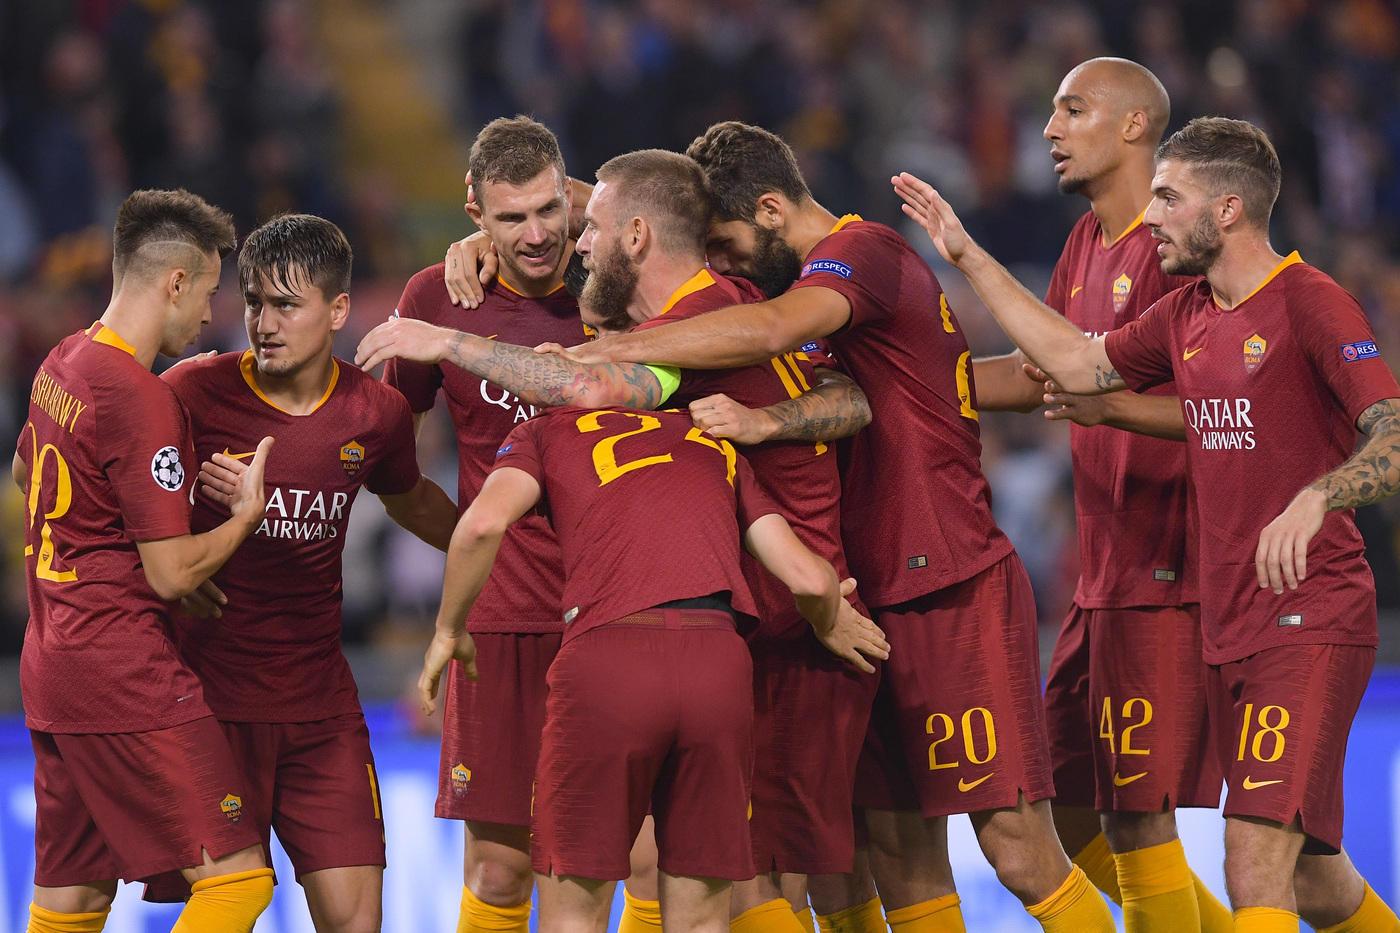 Roma, il riscatto è servito: battuto il Cska in Champions